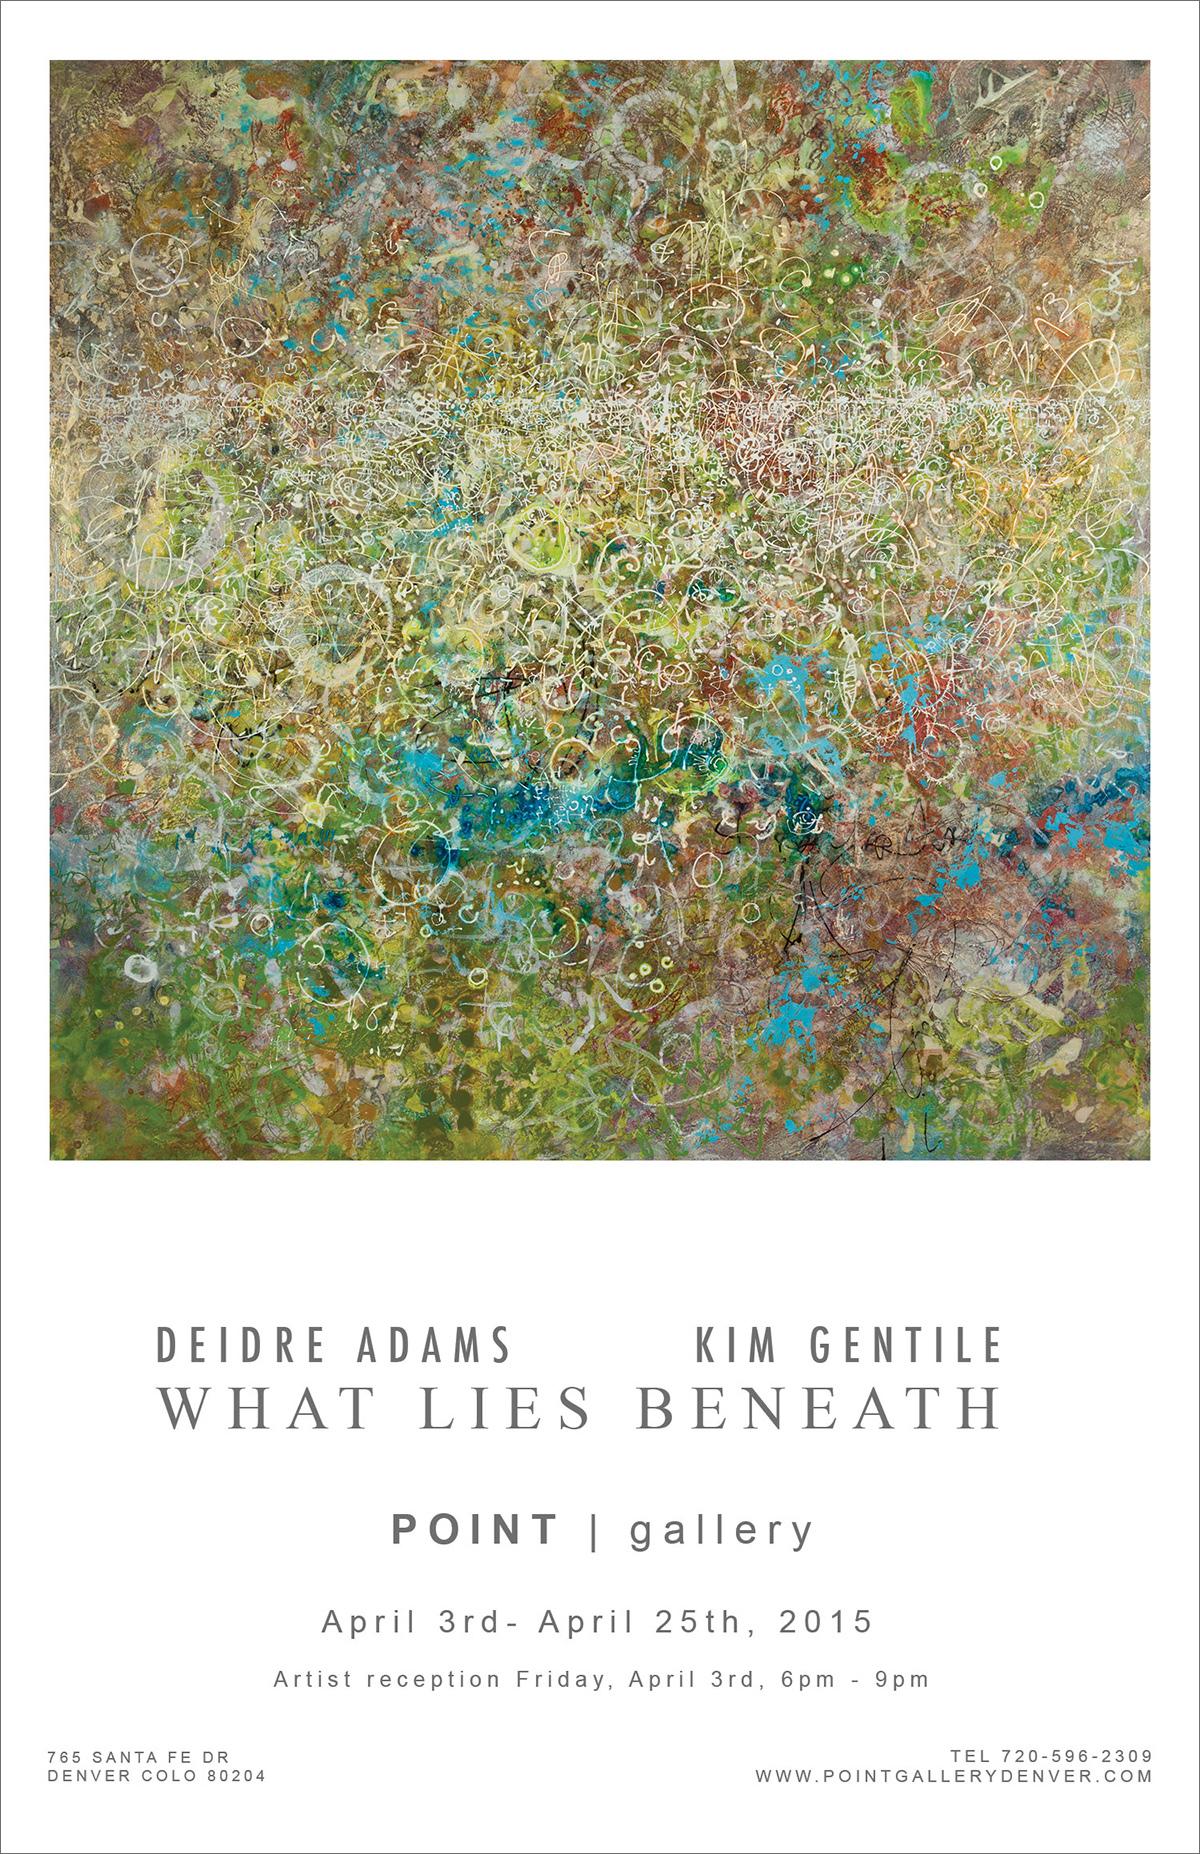 WHAT-LIES-BENEATH-PROM-CARD-DEIDRE